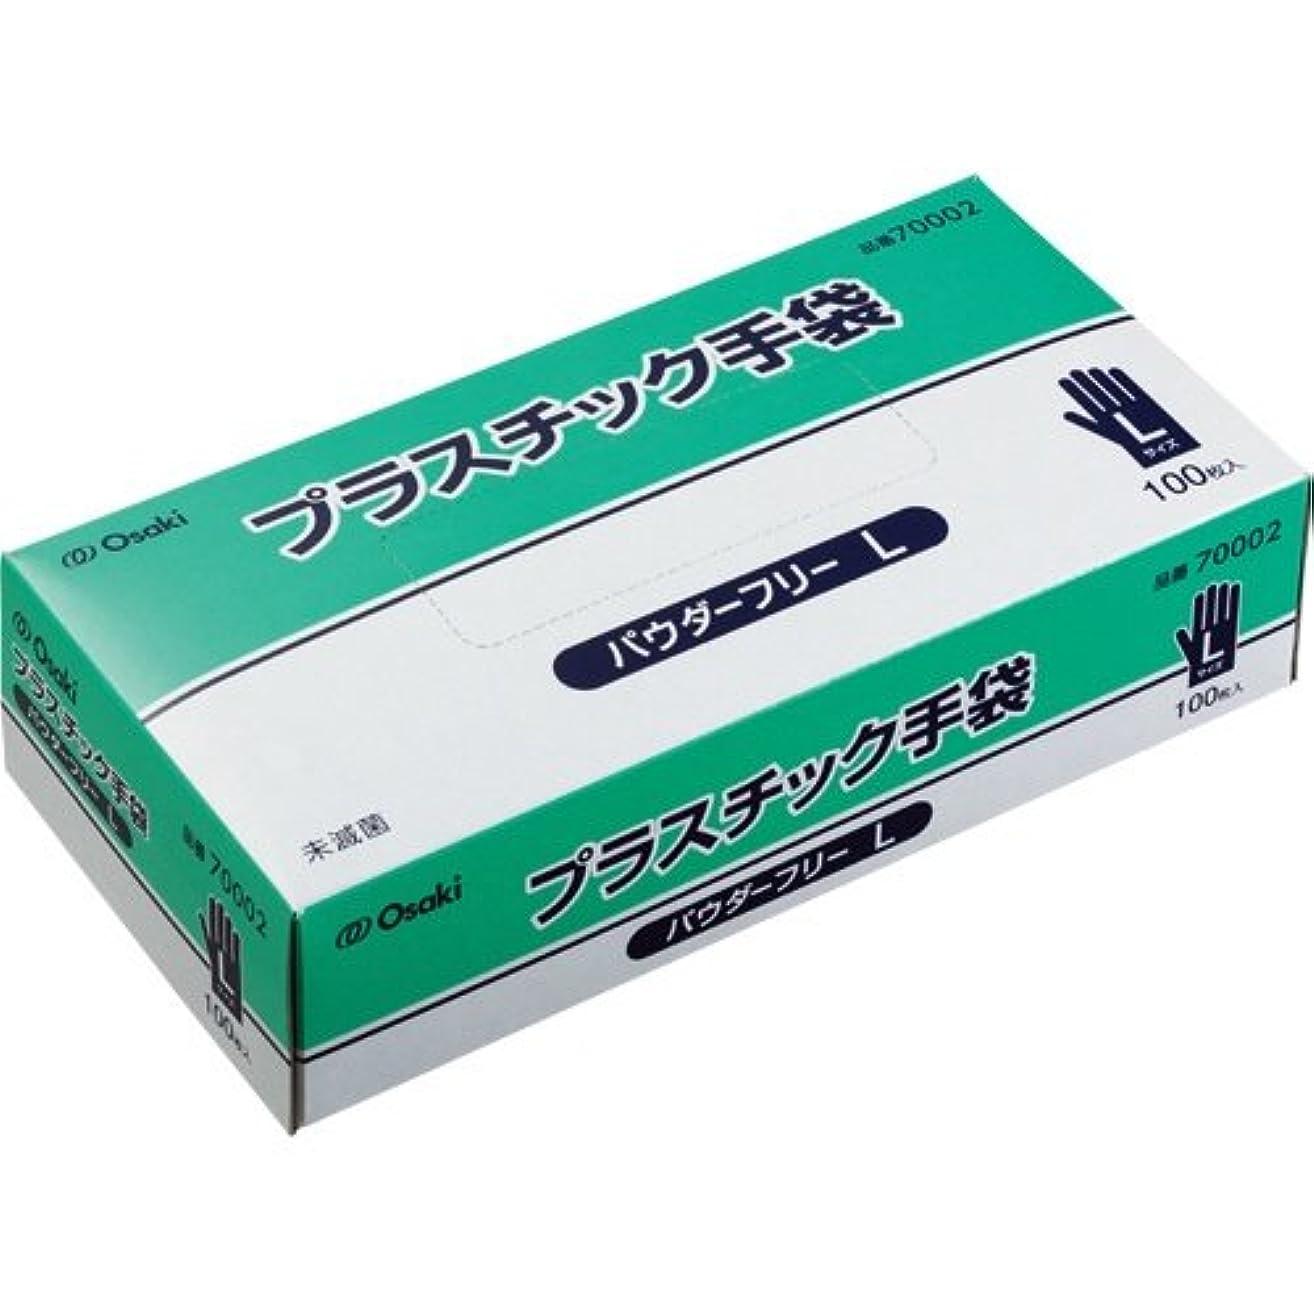 主張願う正当化するオオサキメディカル オオサキプラスチック手袋 パウダーフリー L 70002 1セット(2000枚:100枚×20箱)